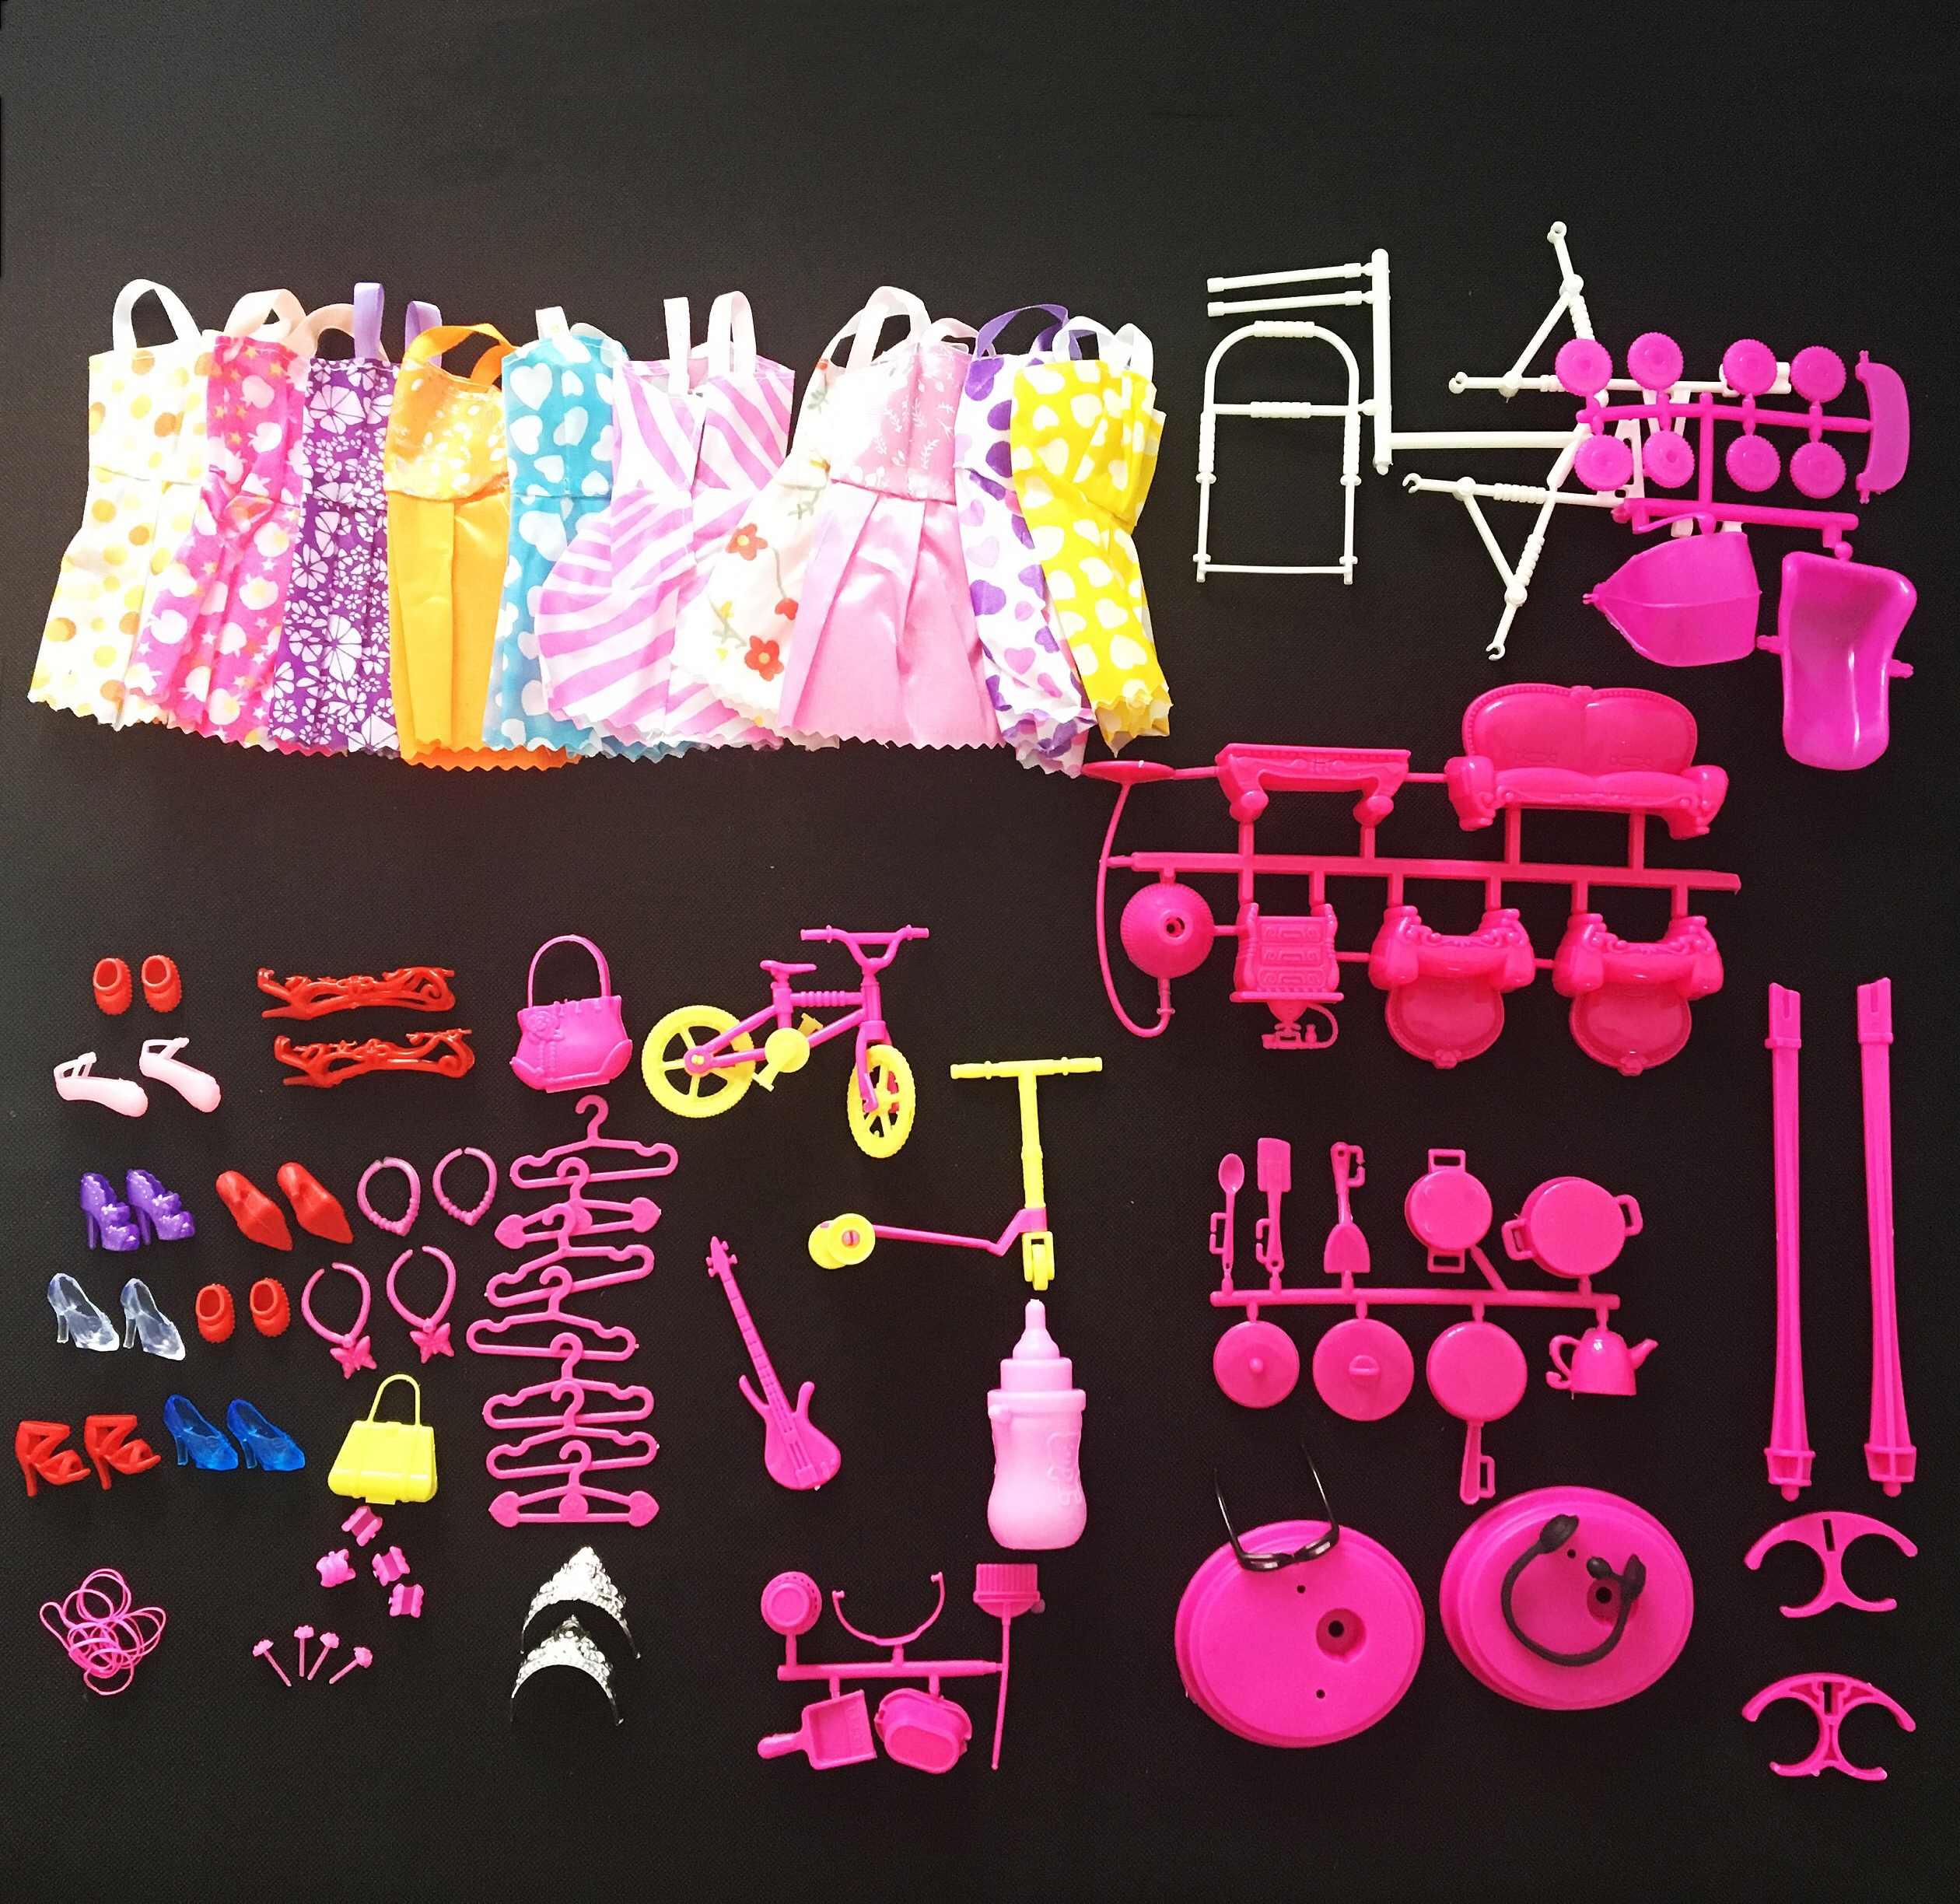 人形アクセサリー = 10 ミックスファッションかわいいドレス + 10 靴 + 6 ハンガー + 2 ステント + トロリー台所用品ソファクリーニングセット